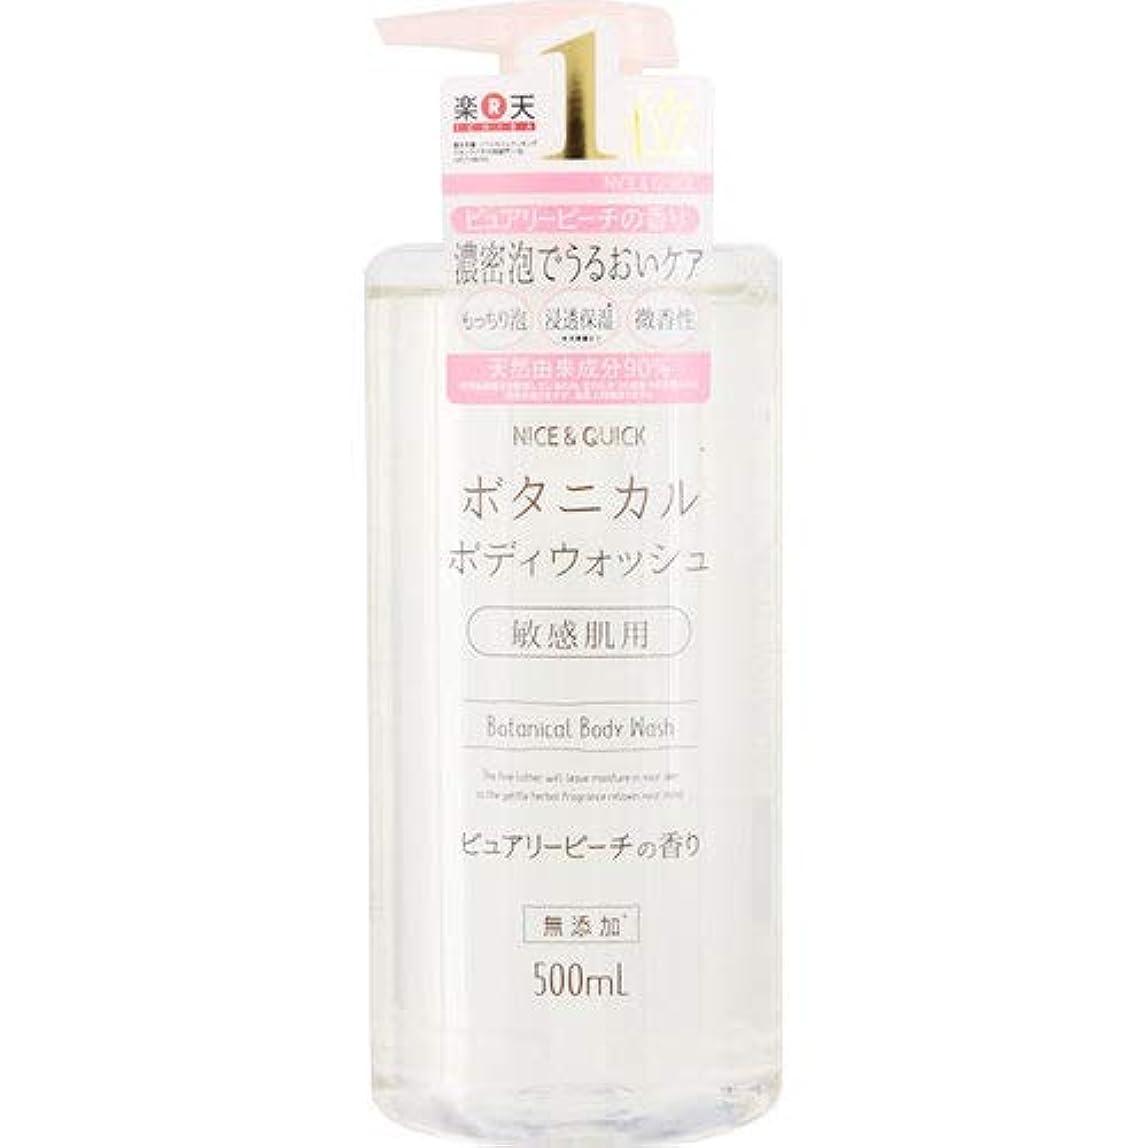 口記念碑閲覧するNICE&QUICK ボタニカル ボディウォッシュ ピュアリーピーチの香り 500ml ナイスクイック